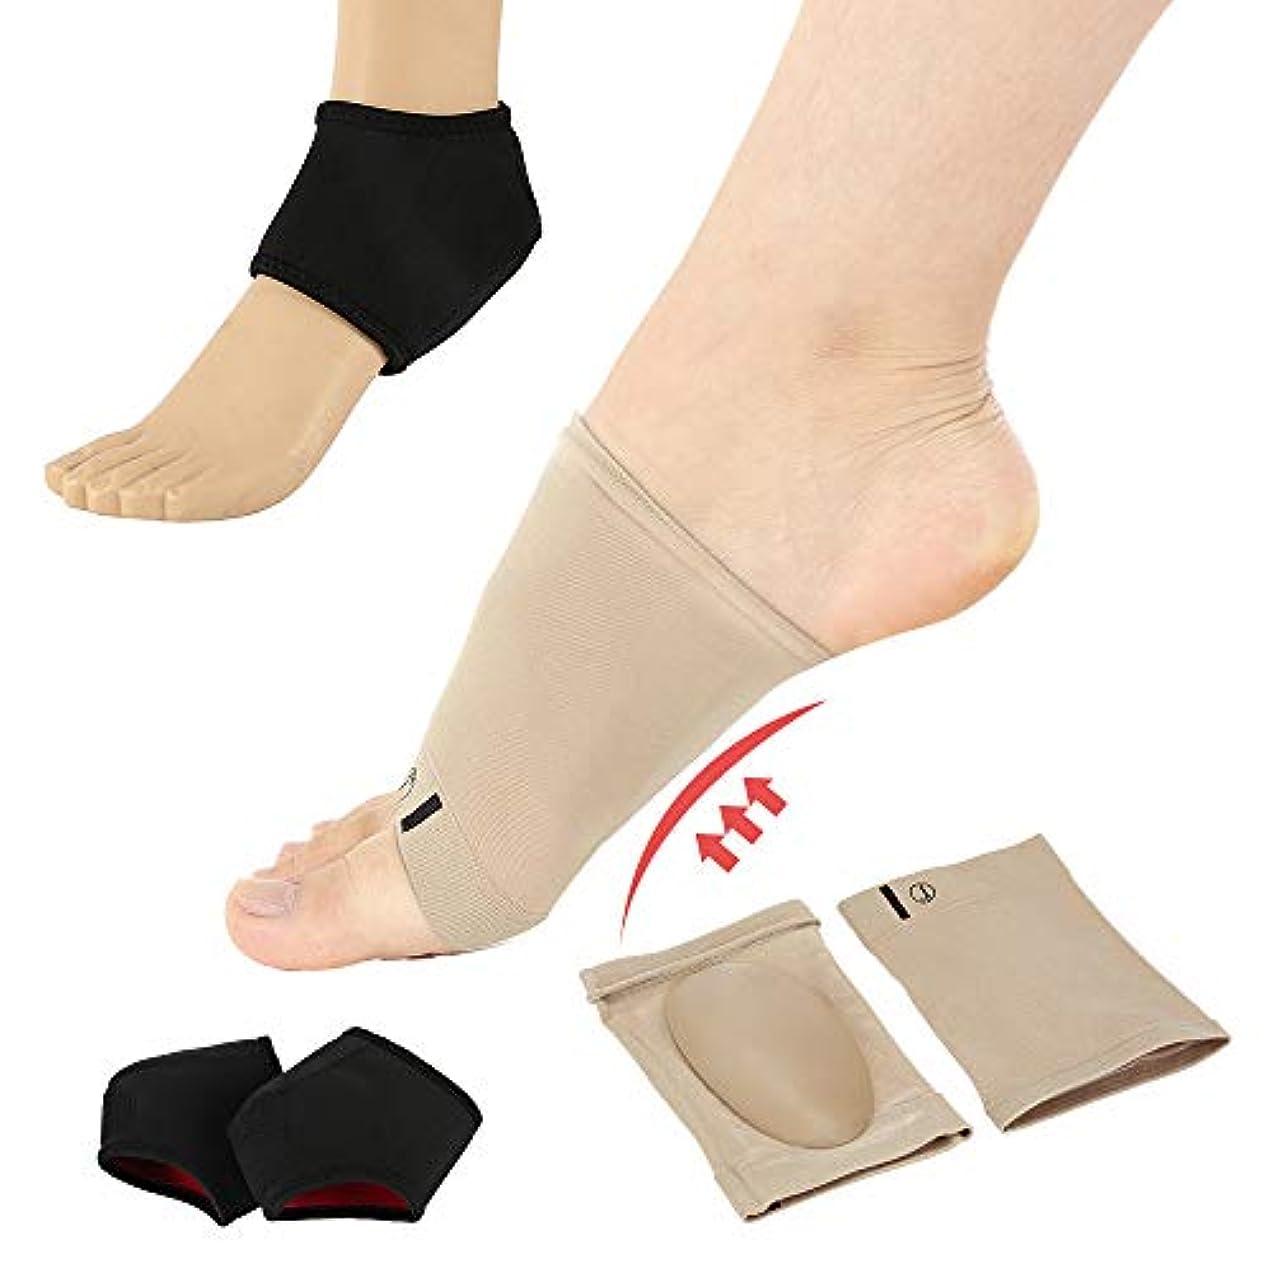 補足生き返らせる開始Thatboyjp 足首サポート 足首ブレース 足底筋膜炎 足の痛み解消 サイズ調整可能 アーチサポーター シリコン素材 足の痛み防止 足裏 フリーサイズ 男女兼用